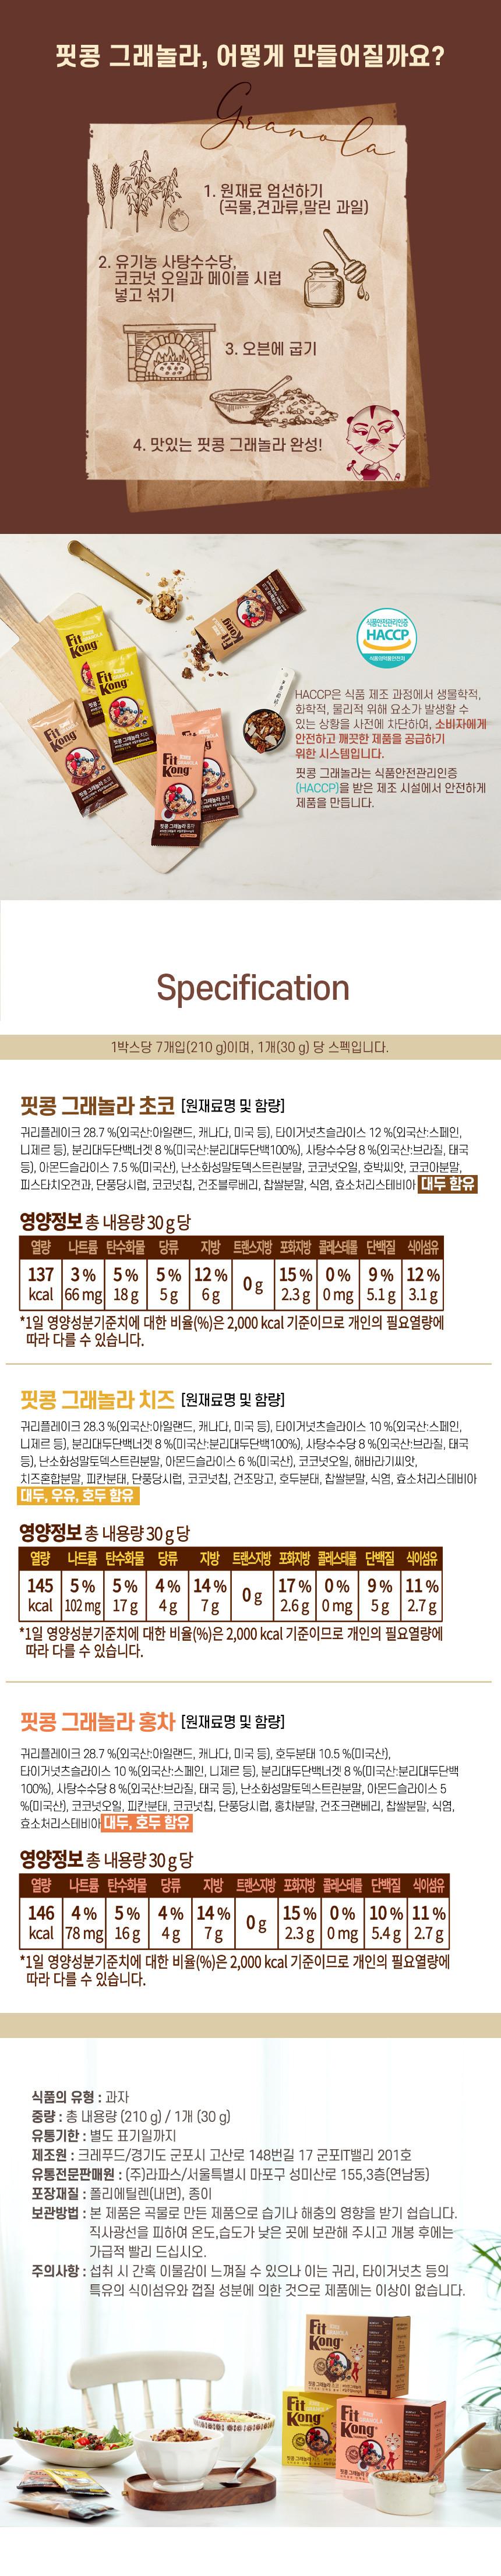 %EA%B7%B8%EB%9E%98%EB%86%80%EB%9D%BC1_05.jpg